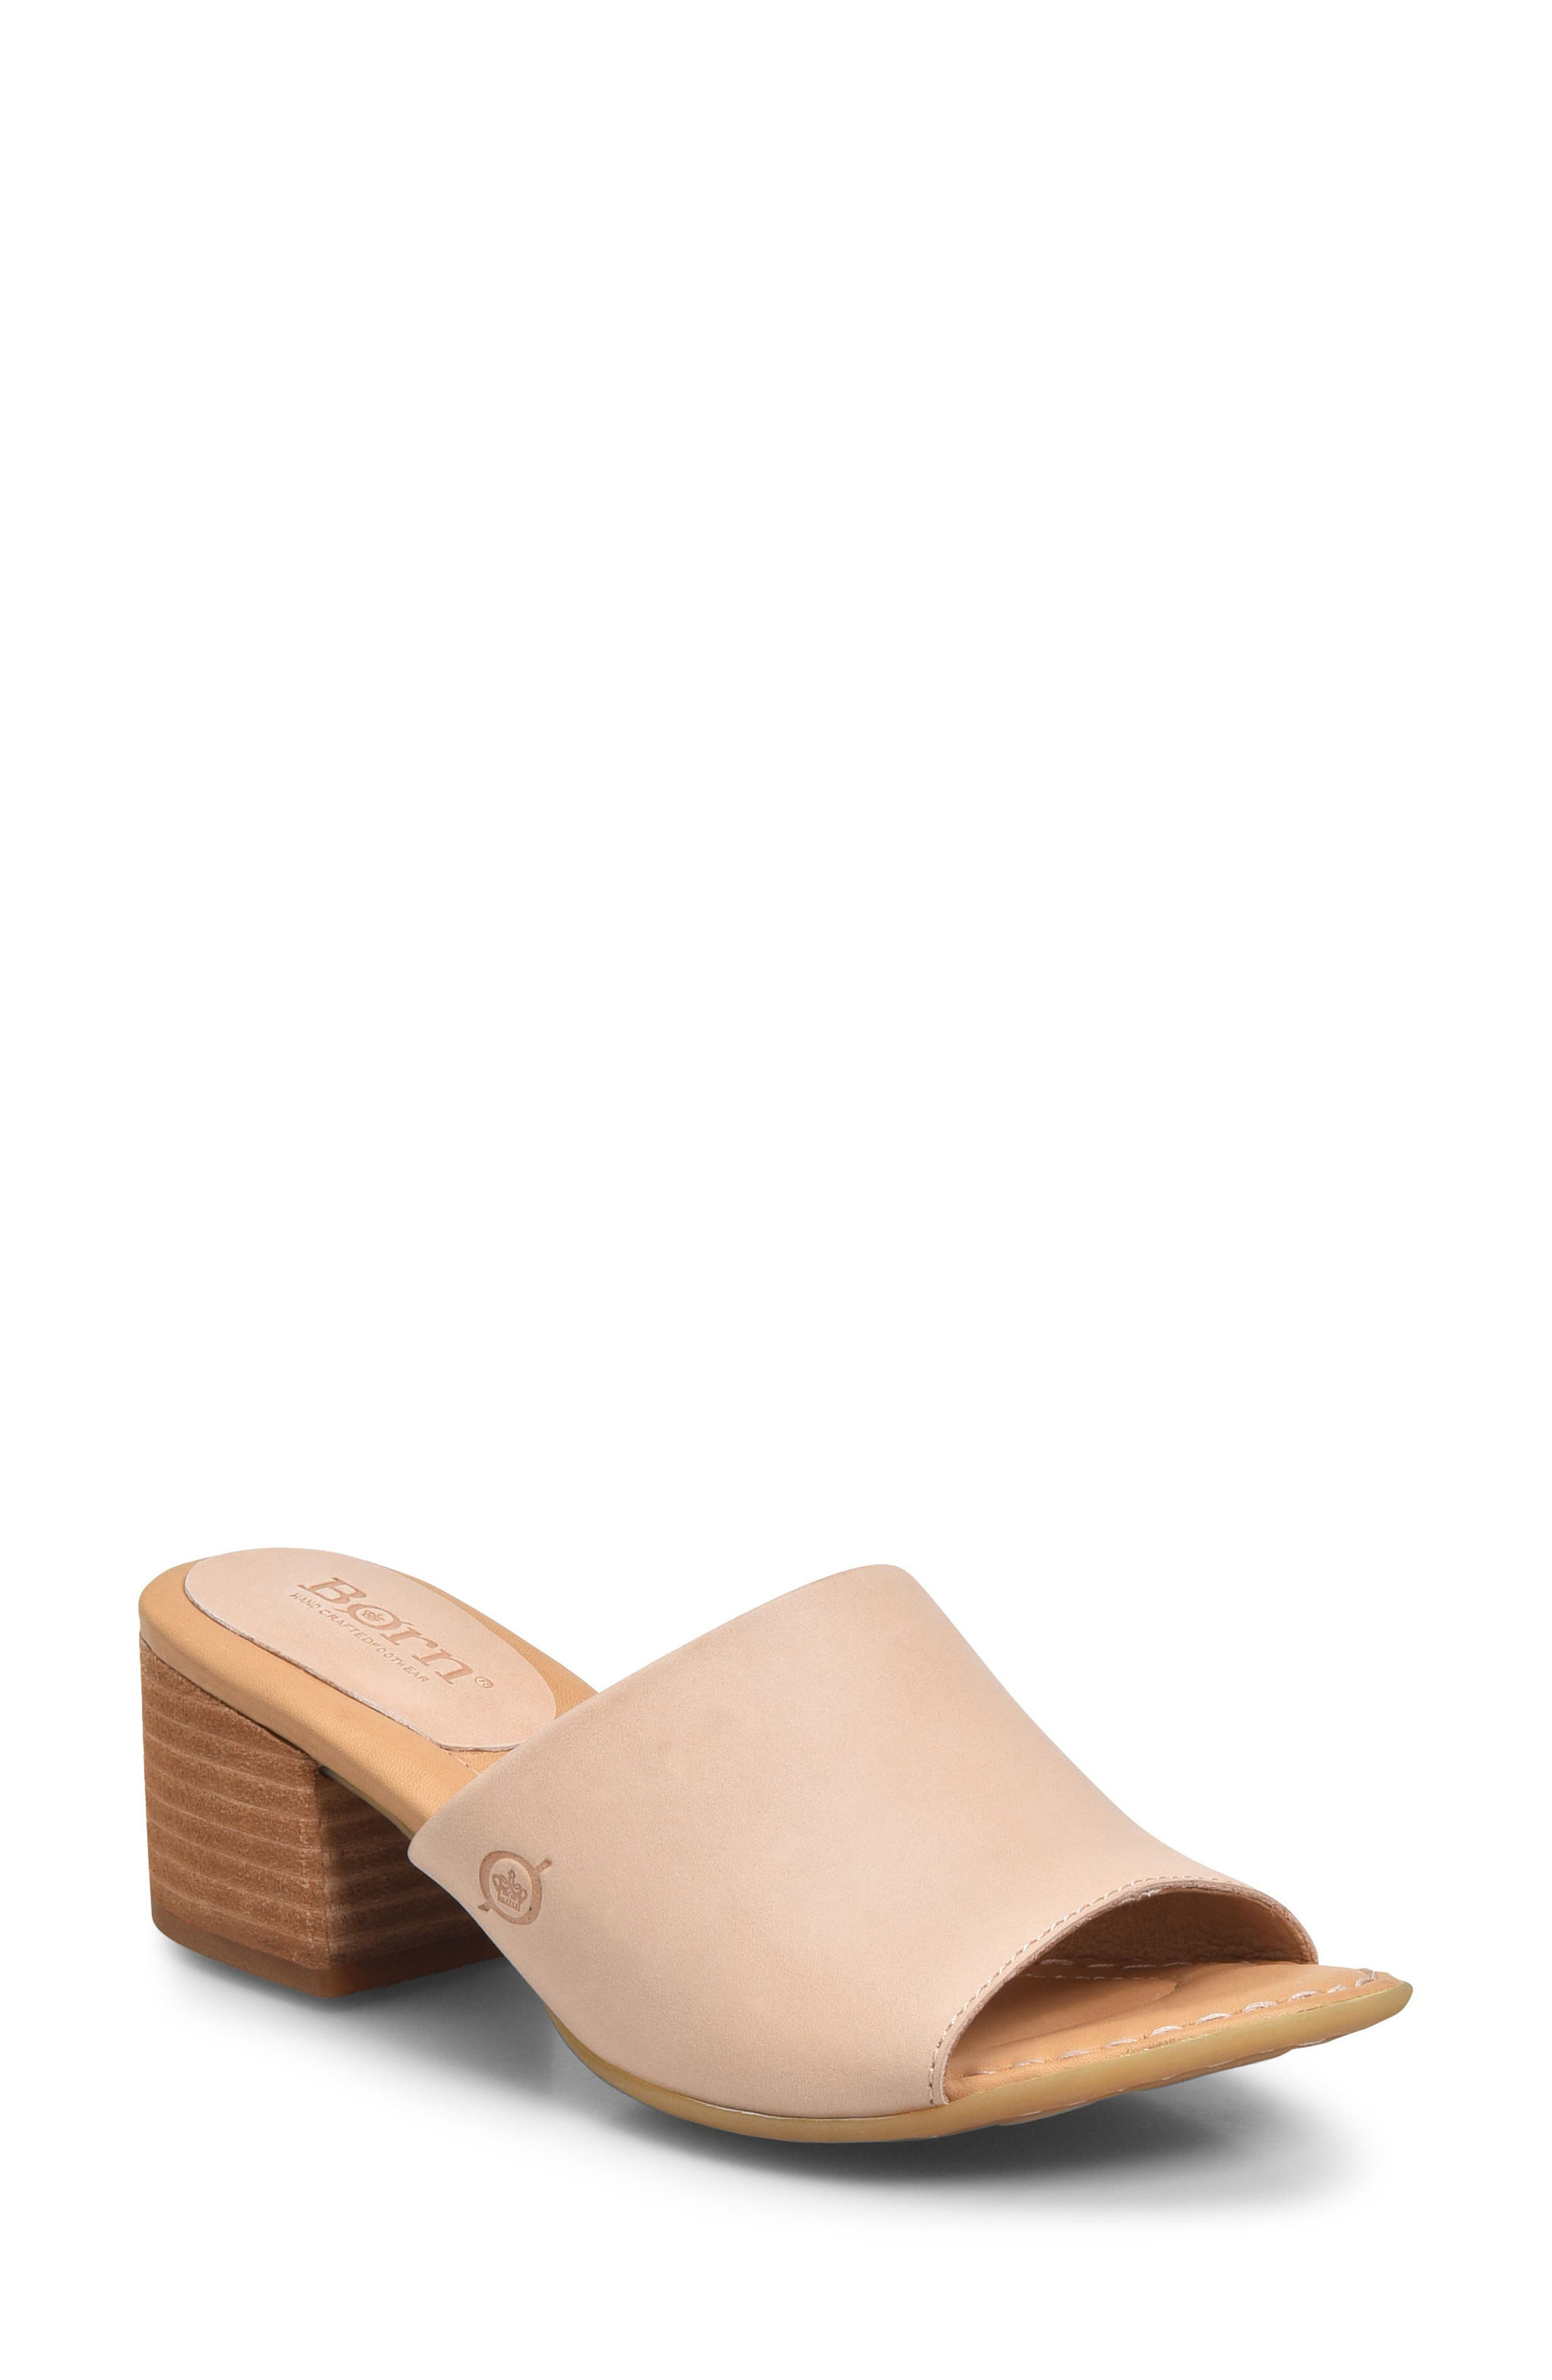 60951161d Buy bjorn sandals   OFF54% Discounts